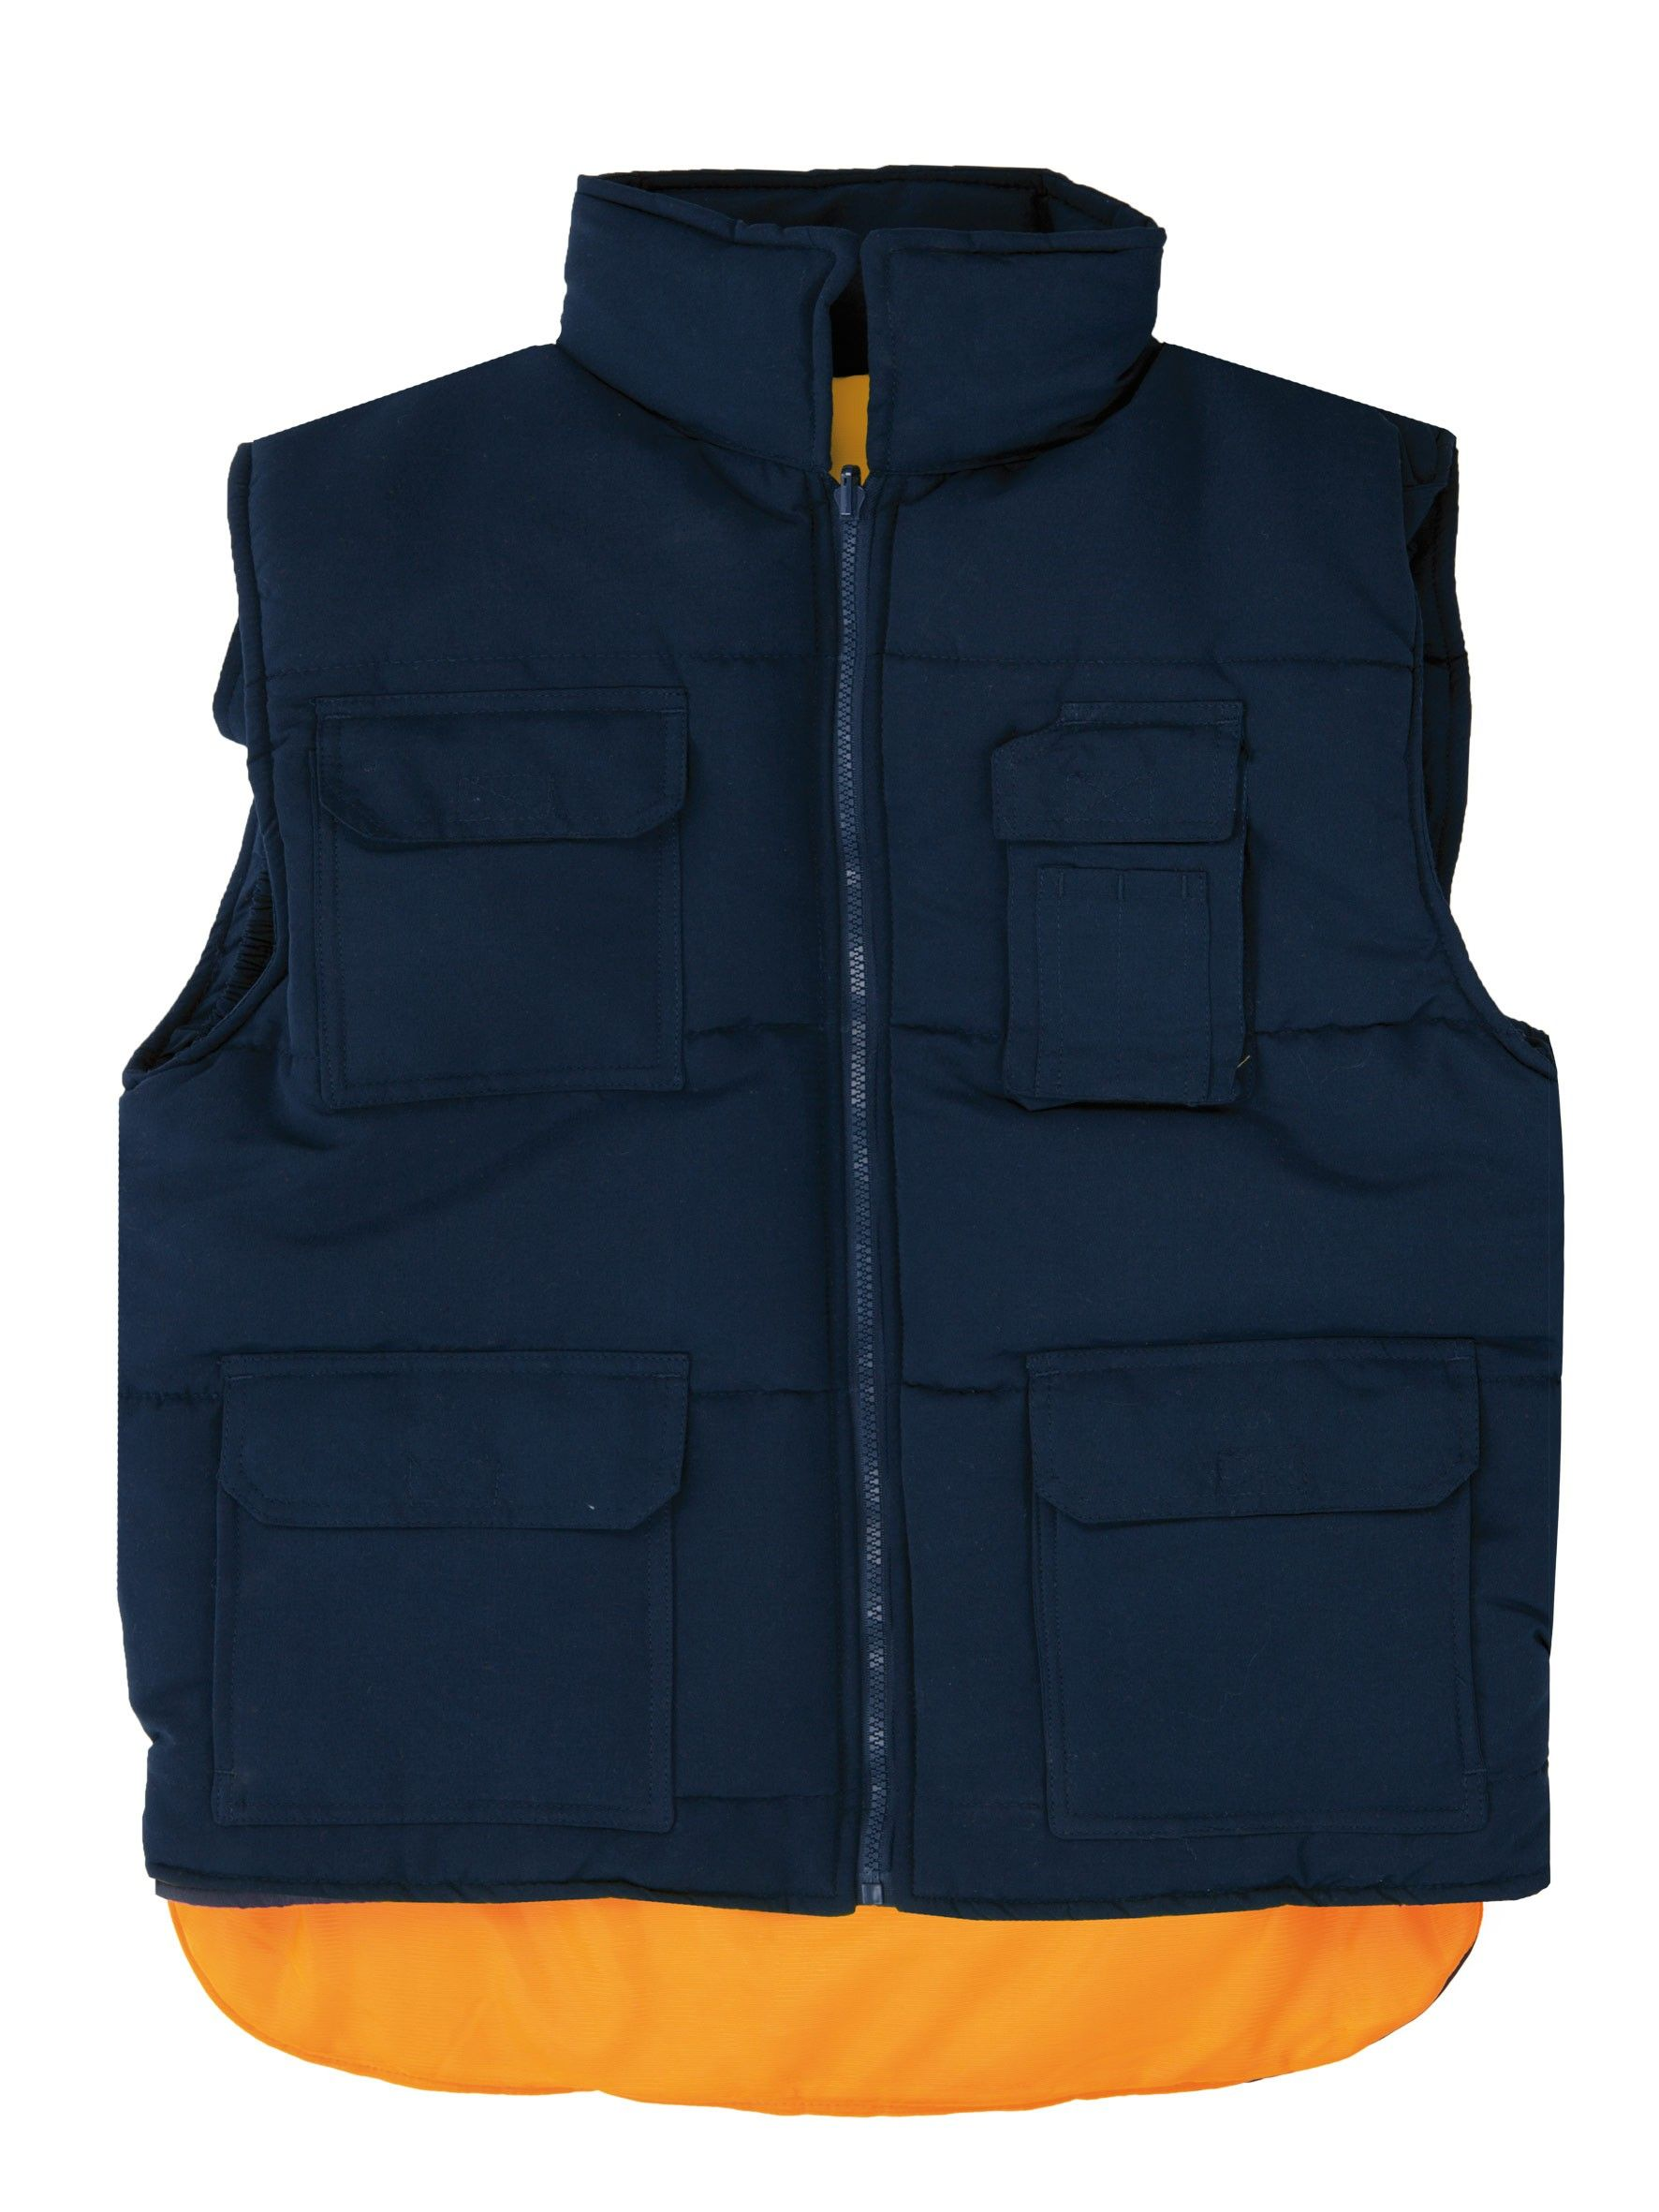 mil millones Facilitar brecha  Chaleco acolchado Azul Marino y Naranja. | Fashion, Jackets, The north face